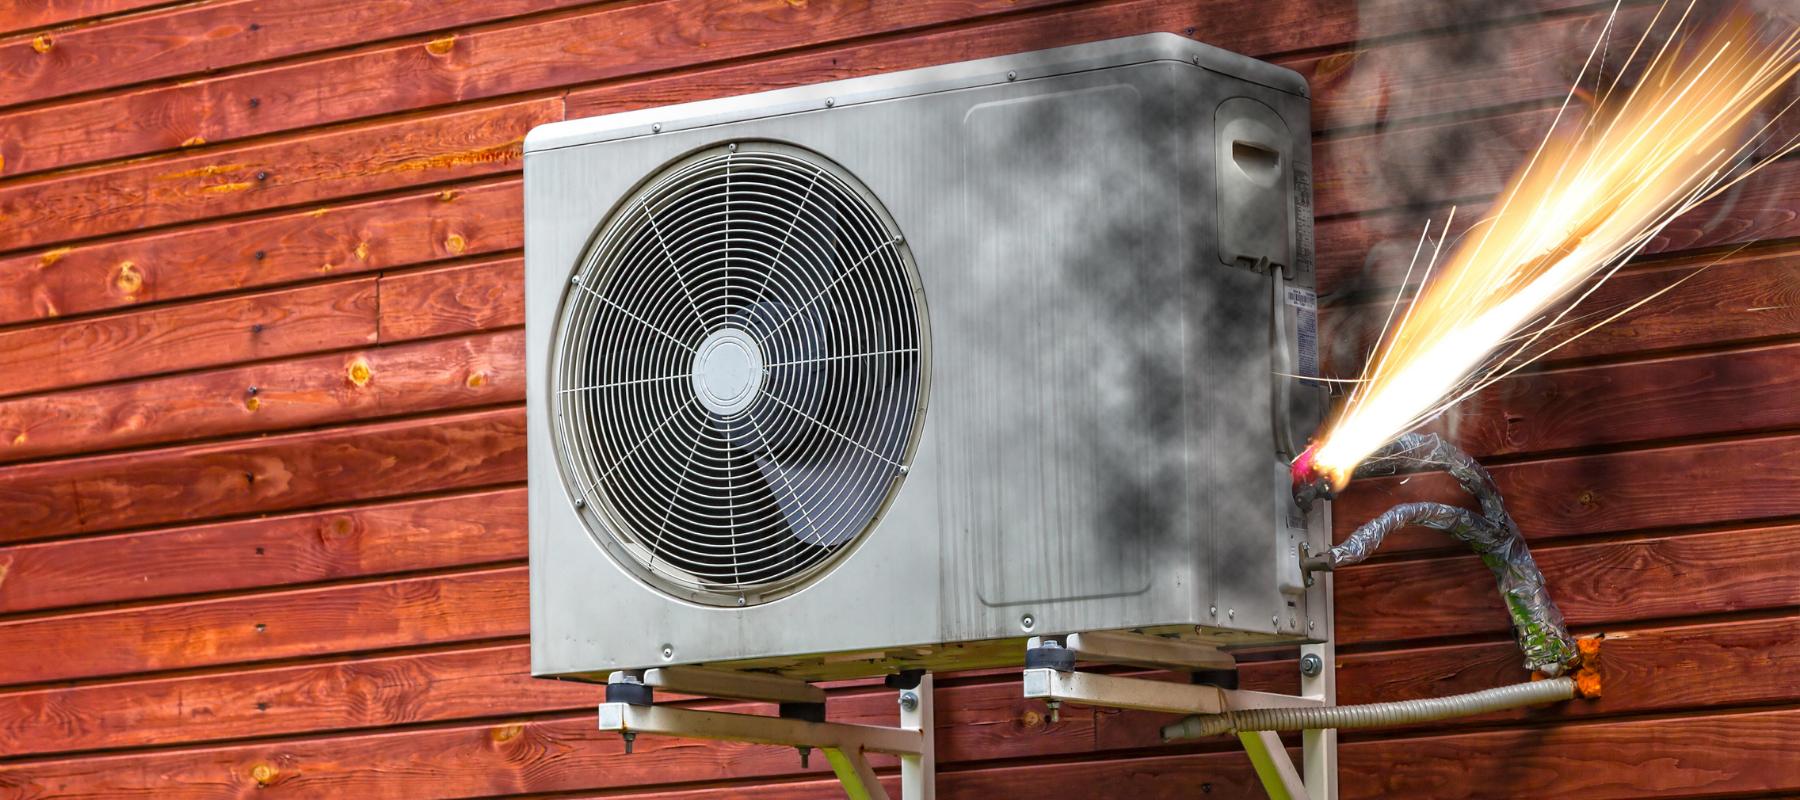 incendio-causado-por-ar-condicionado-eletrojr